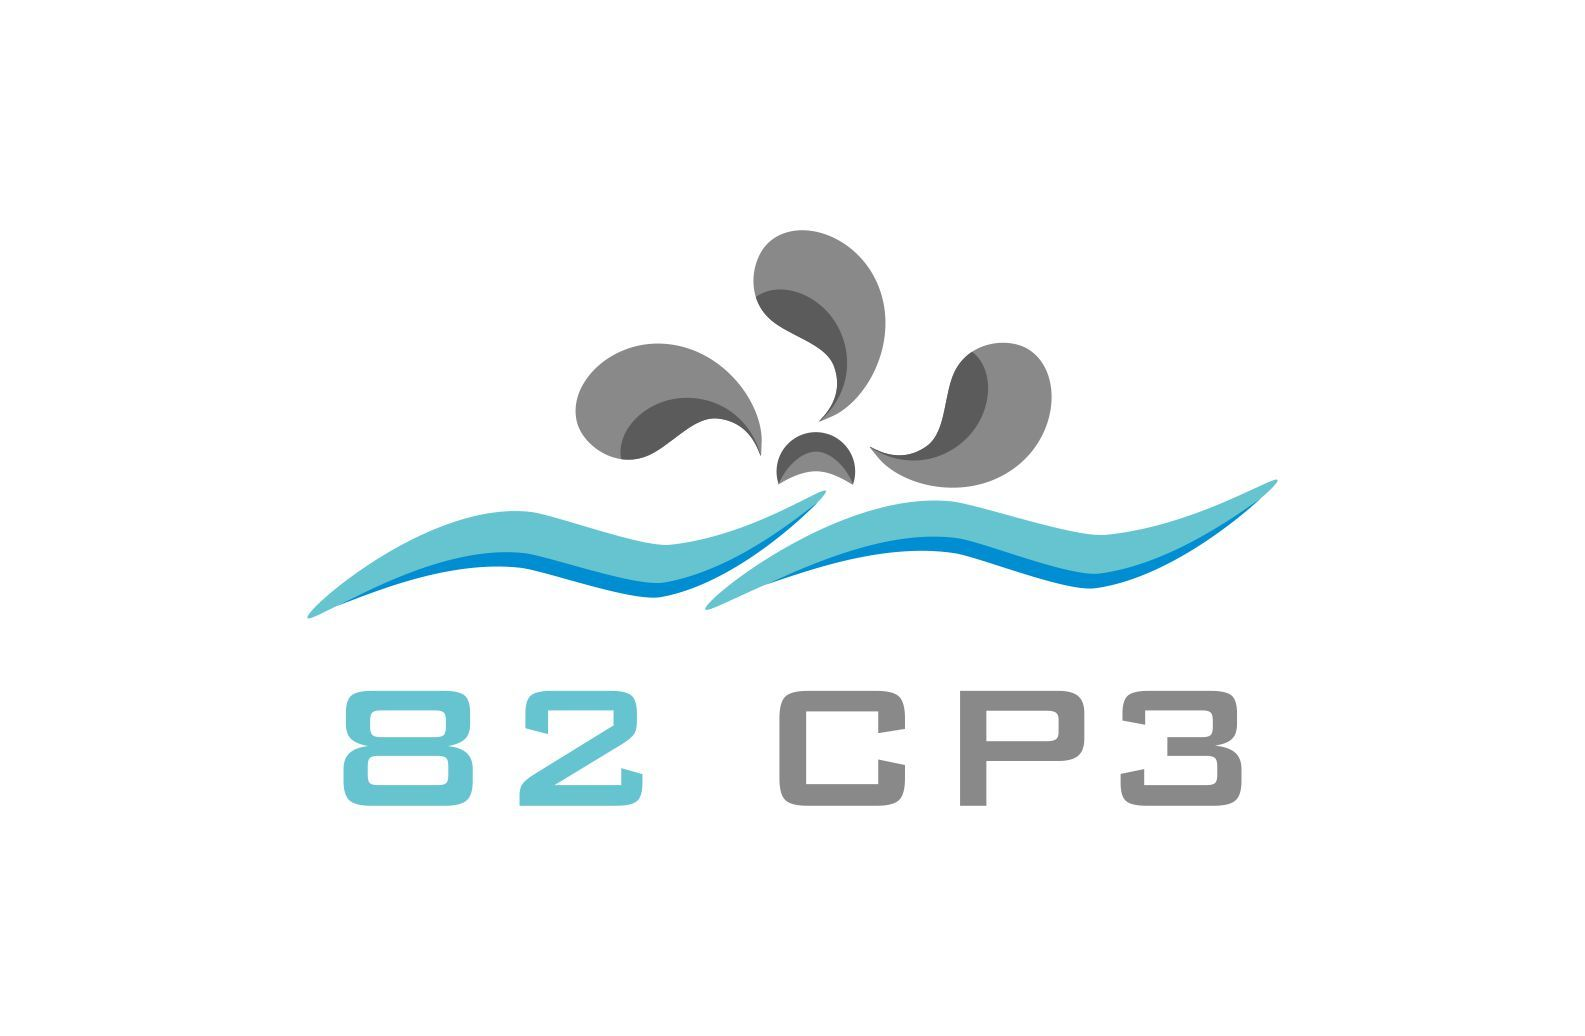 Логотип для судоремонтного завода - дизайнер hannover